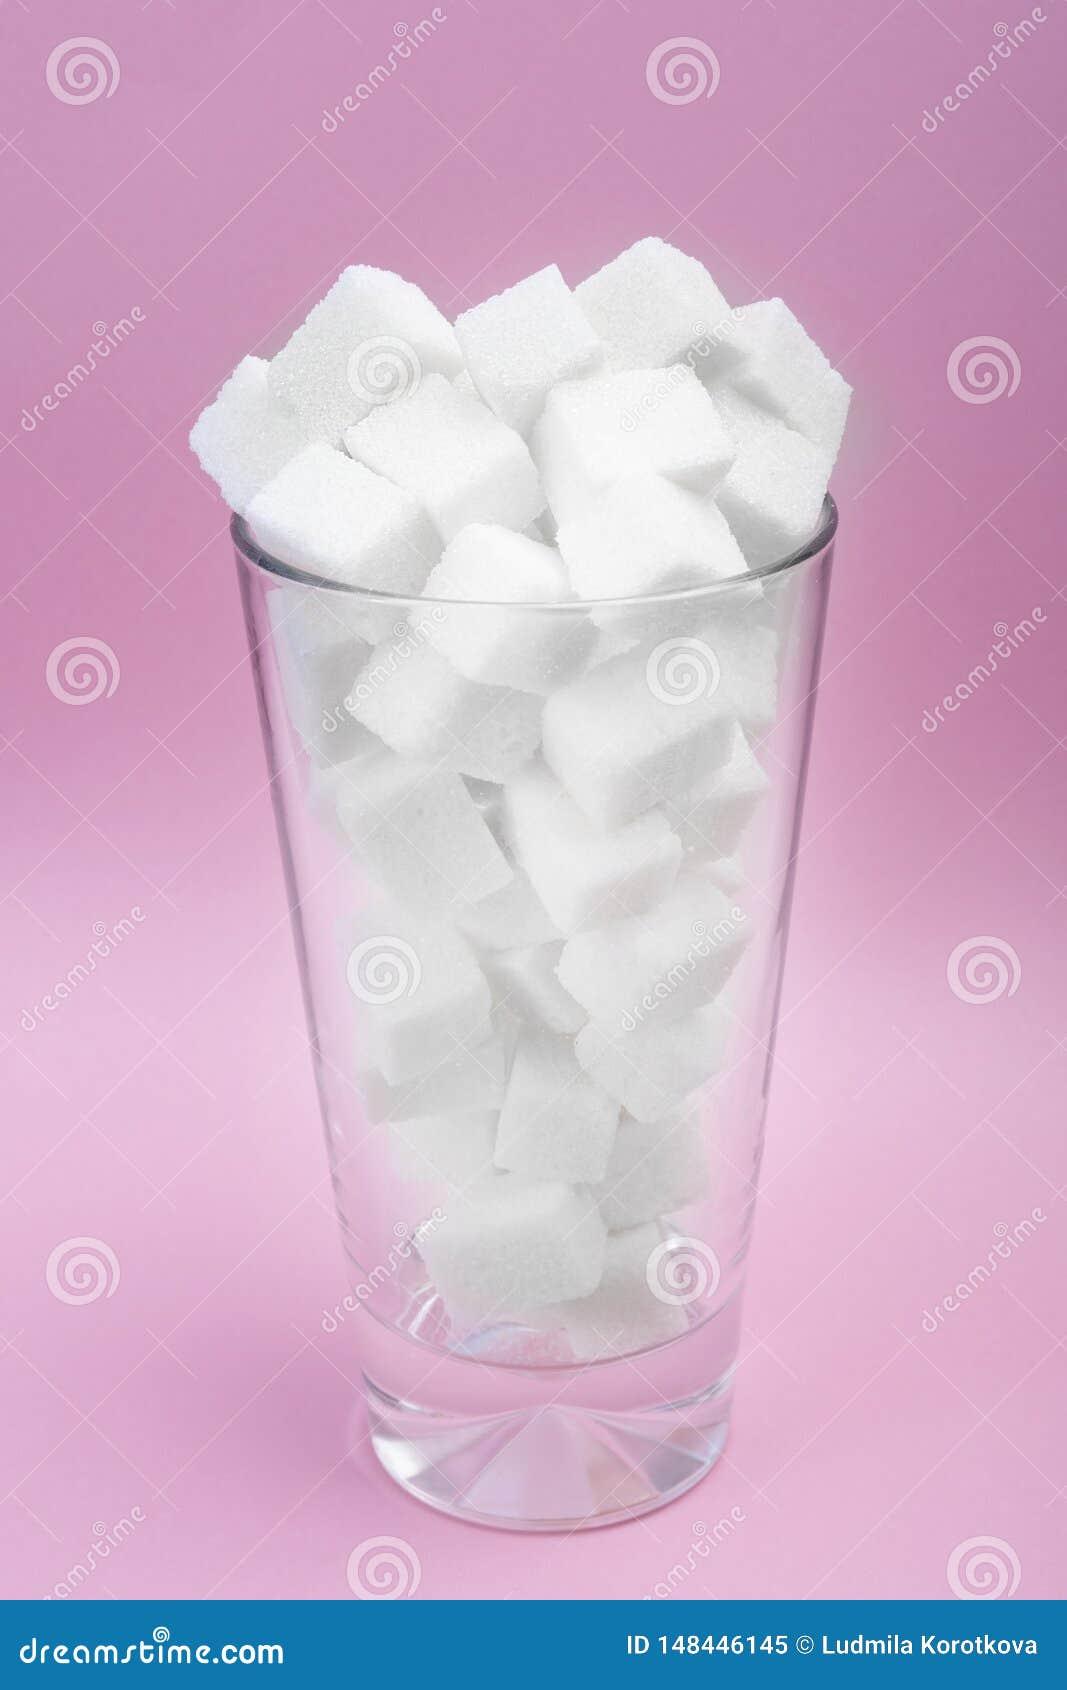 Azúcar en un vidrio de soda El consumo excesivo del azúcar lleva a la obesidad Consumici?n sana